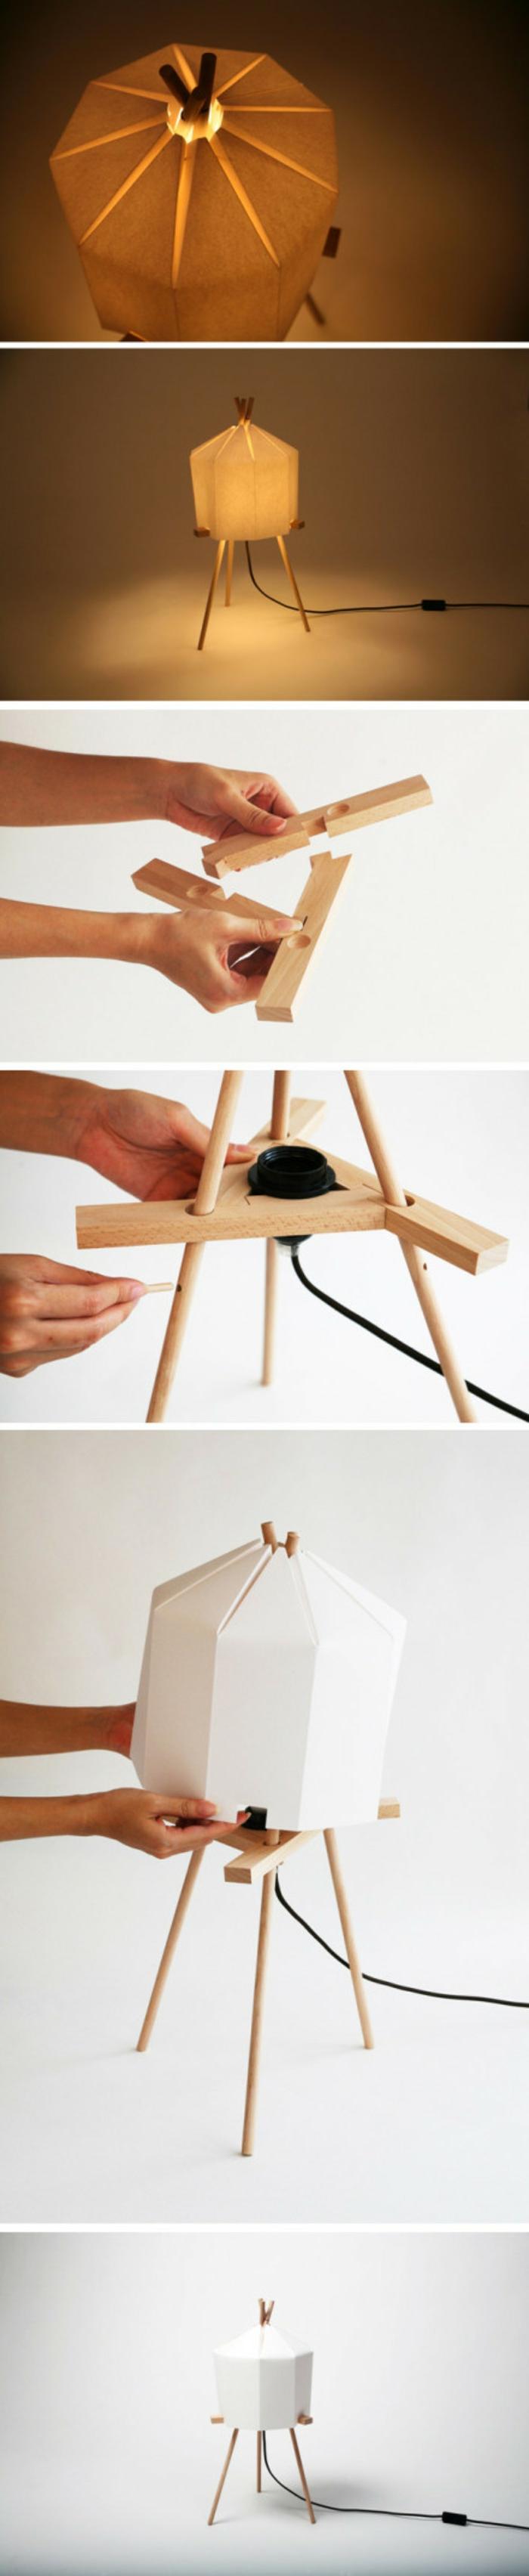 luminaire origami, comment fabriquer une lampe en papier, corde électrique, planchettes en bois